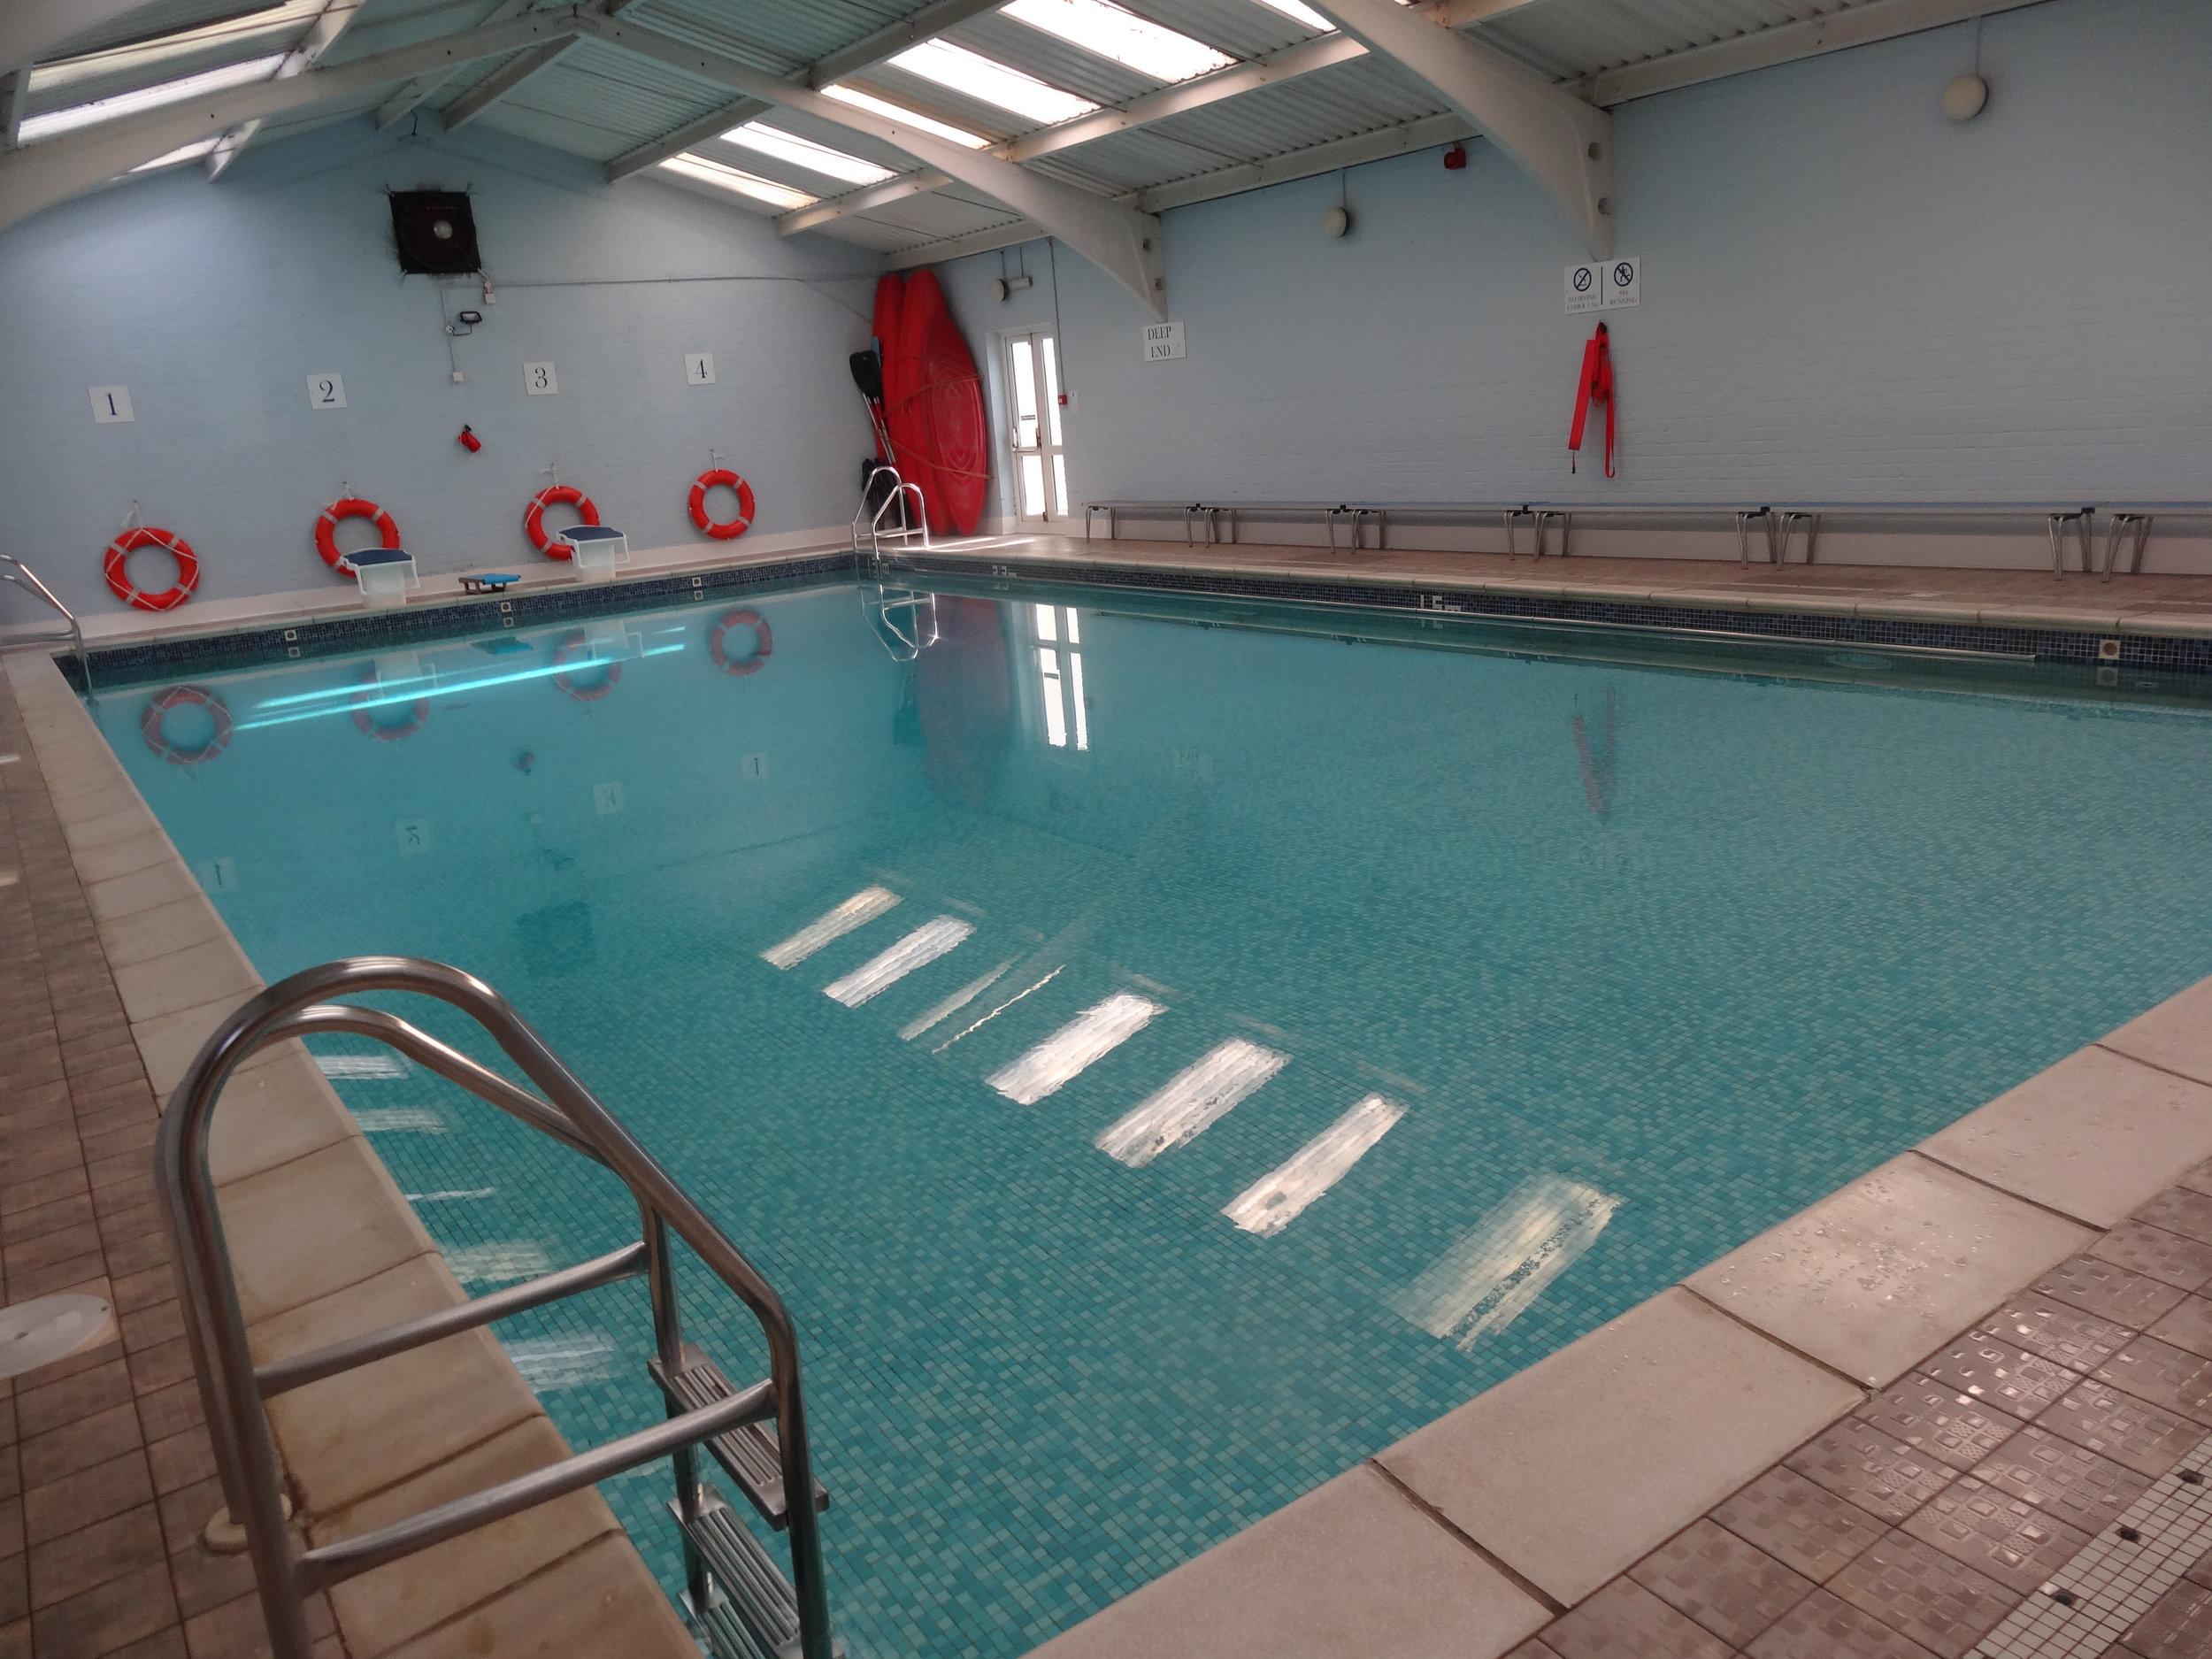 Barfield Pool 2.jpg